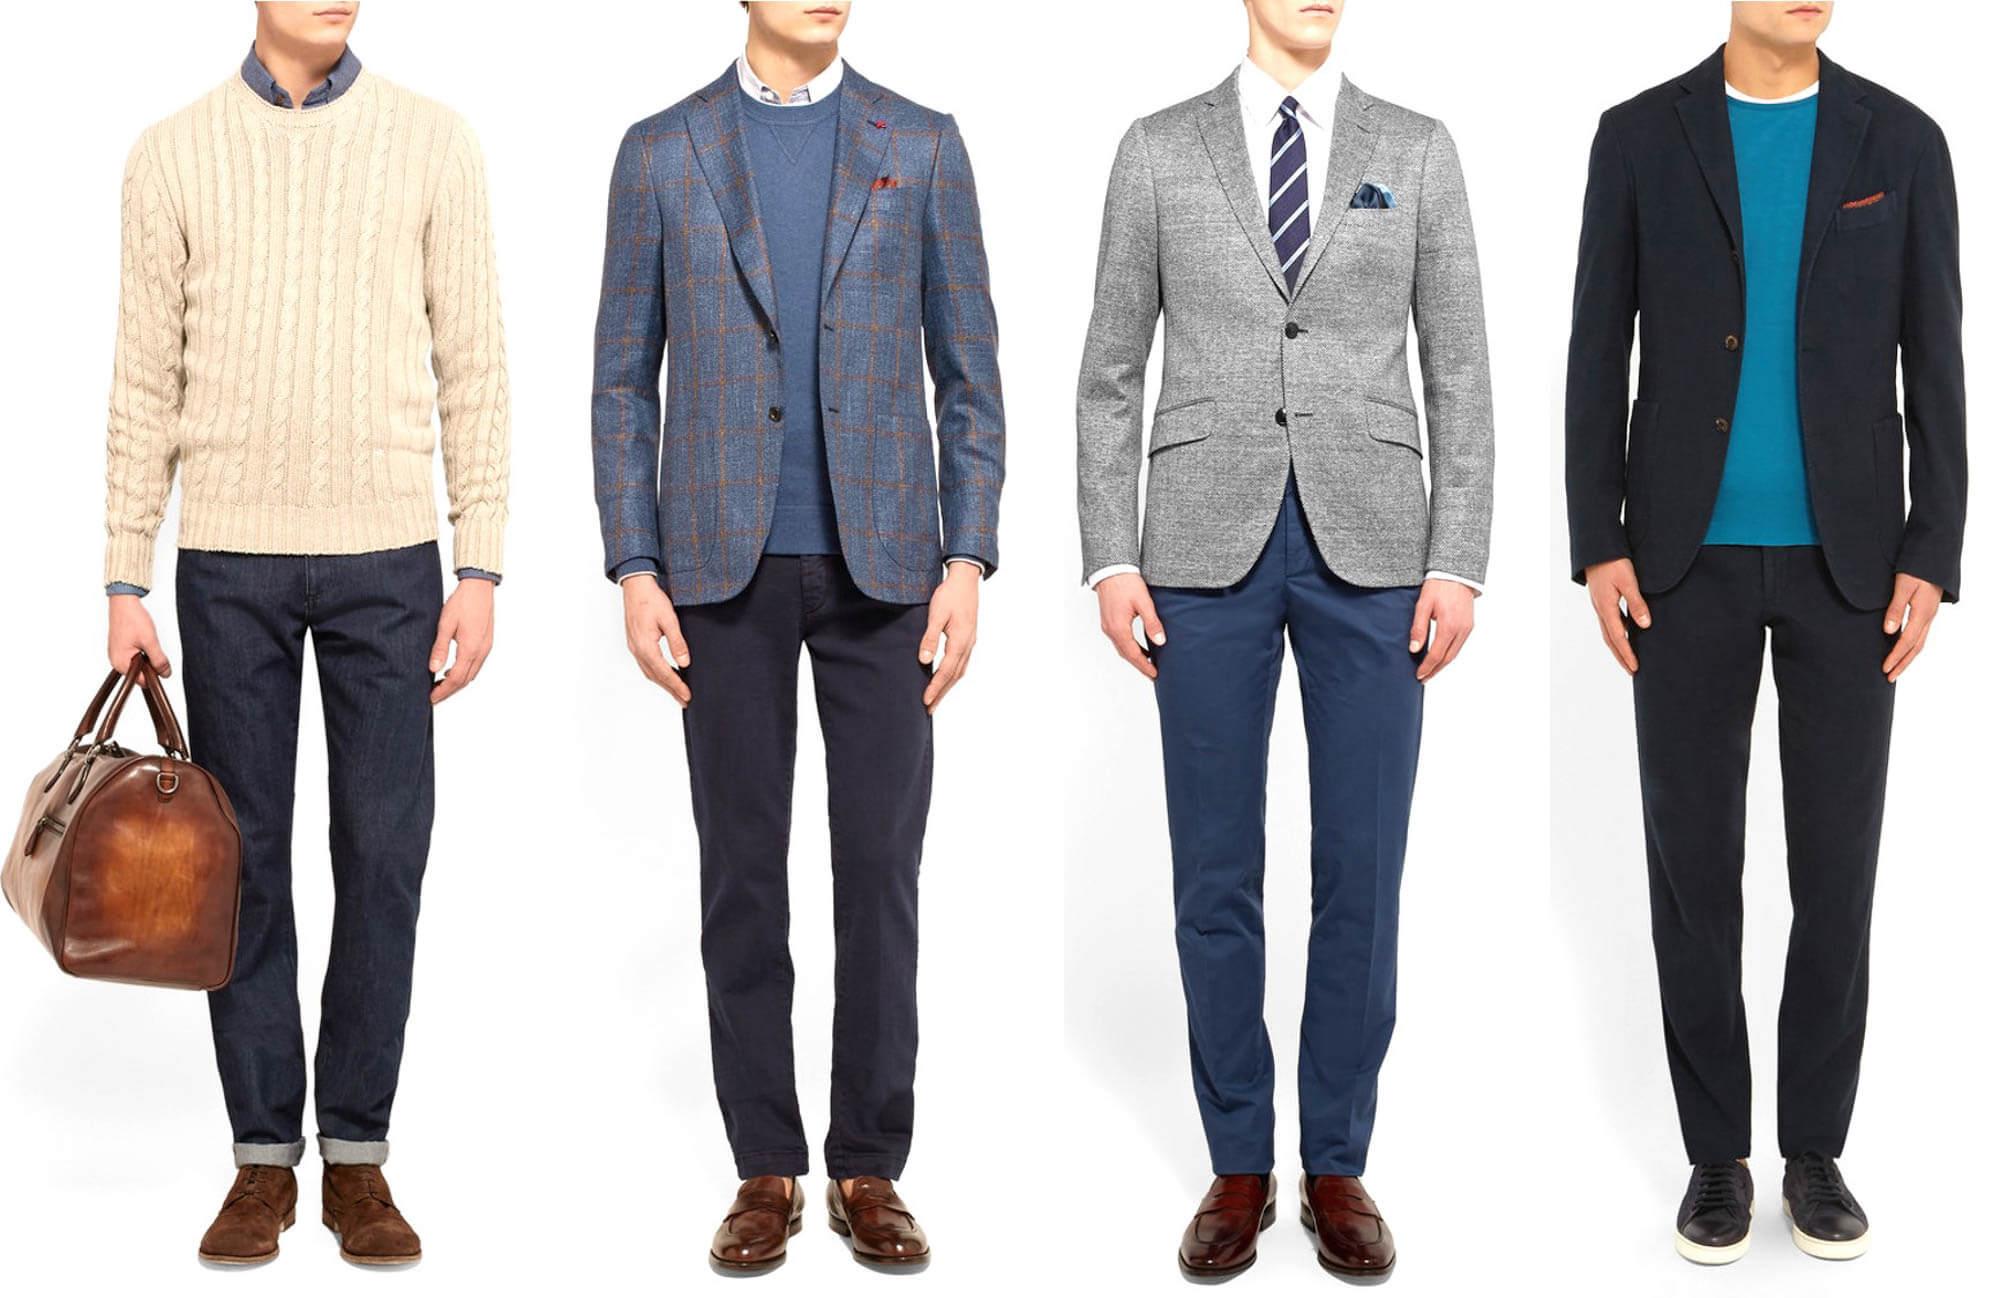 Dress code là gì? Quy tắc ăn mặc giúp bạn tạo dấu ấn khó quên